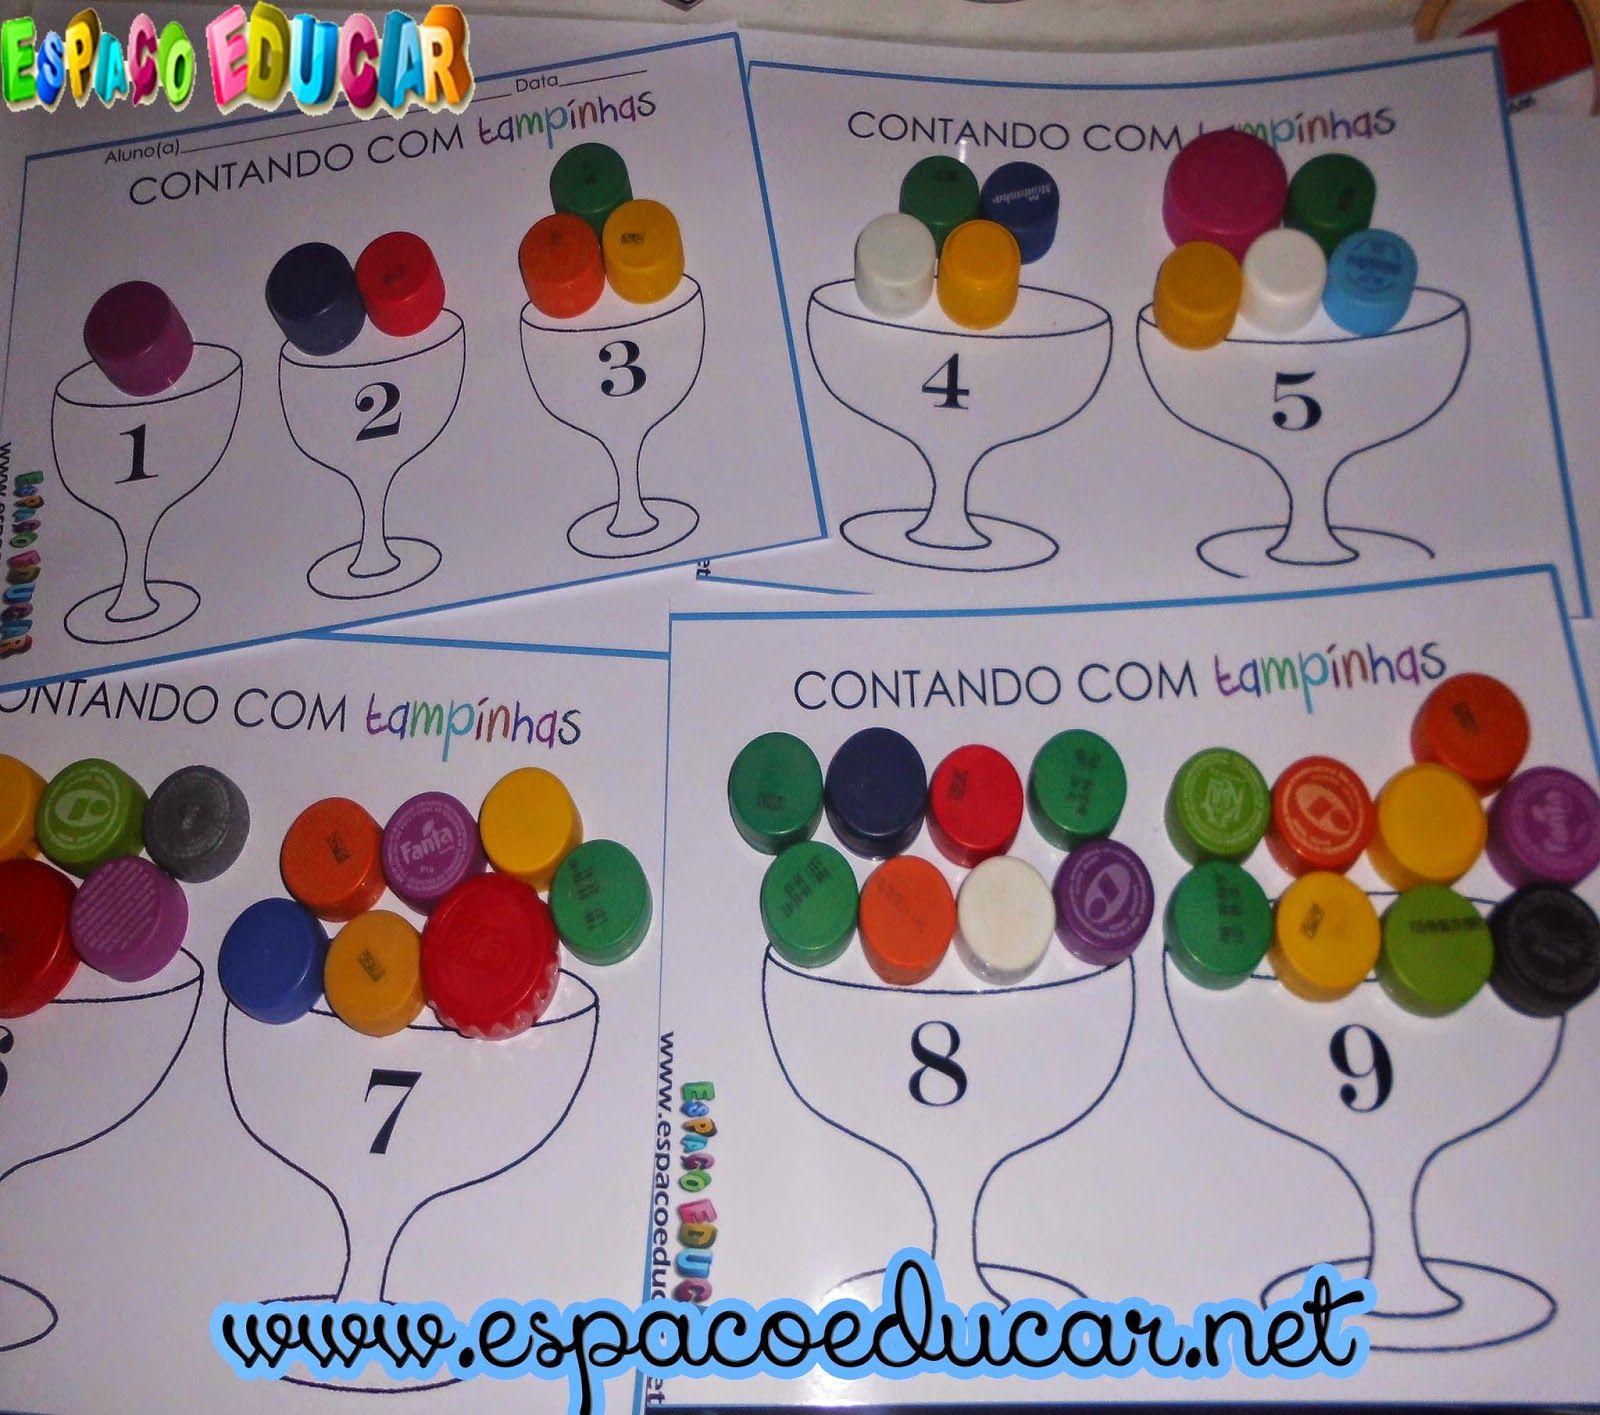 ESPAÇO EDUCAR: Jogo educativo com fichas para imprimir! Atividade ...